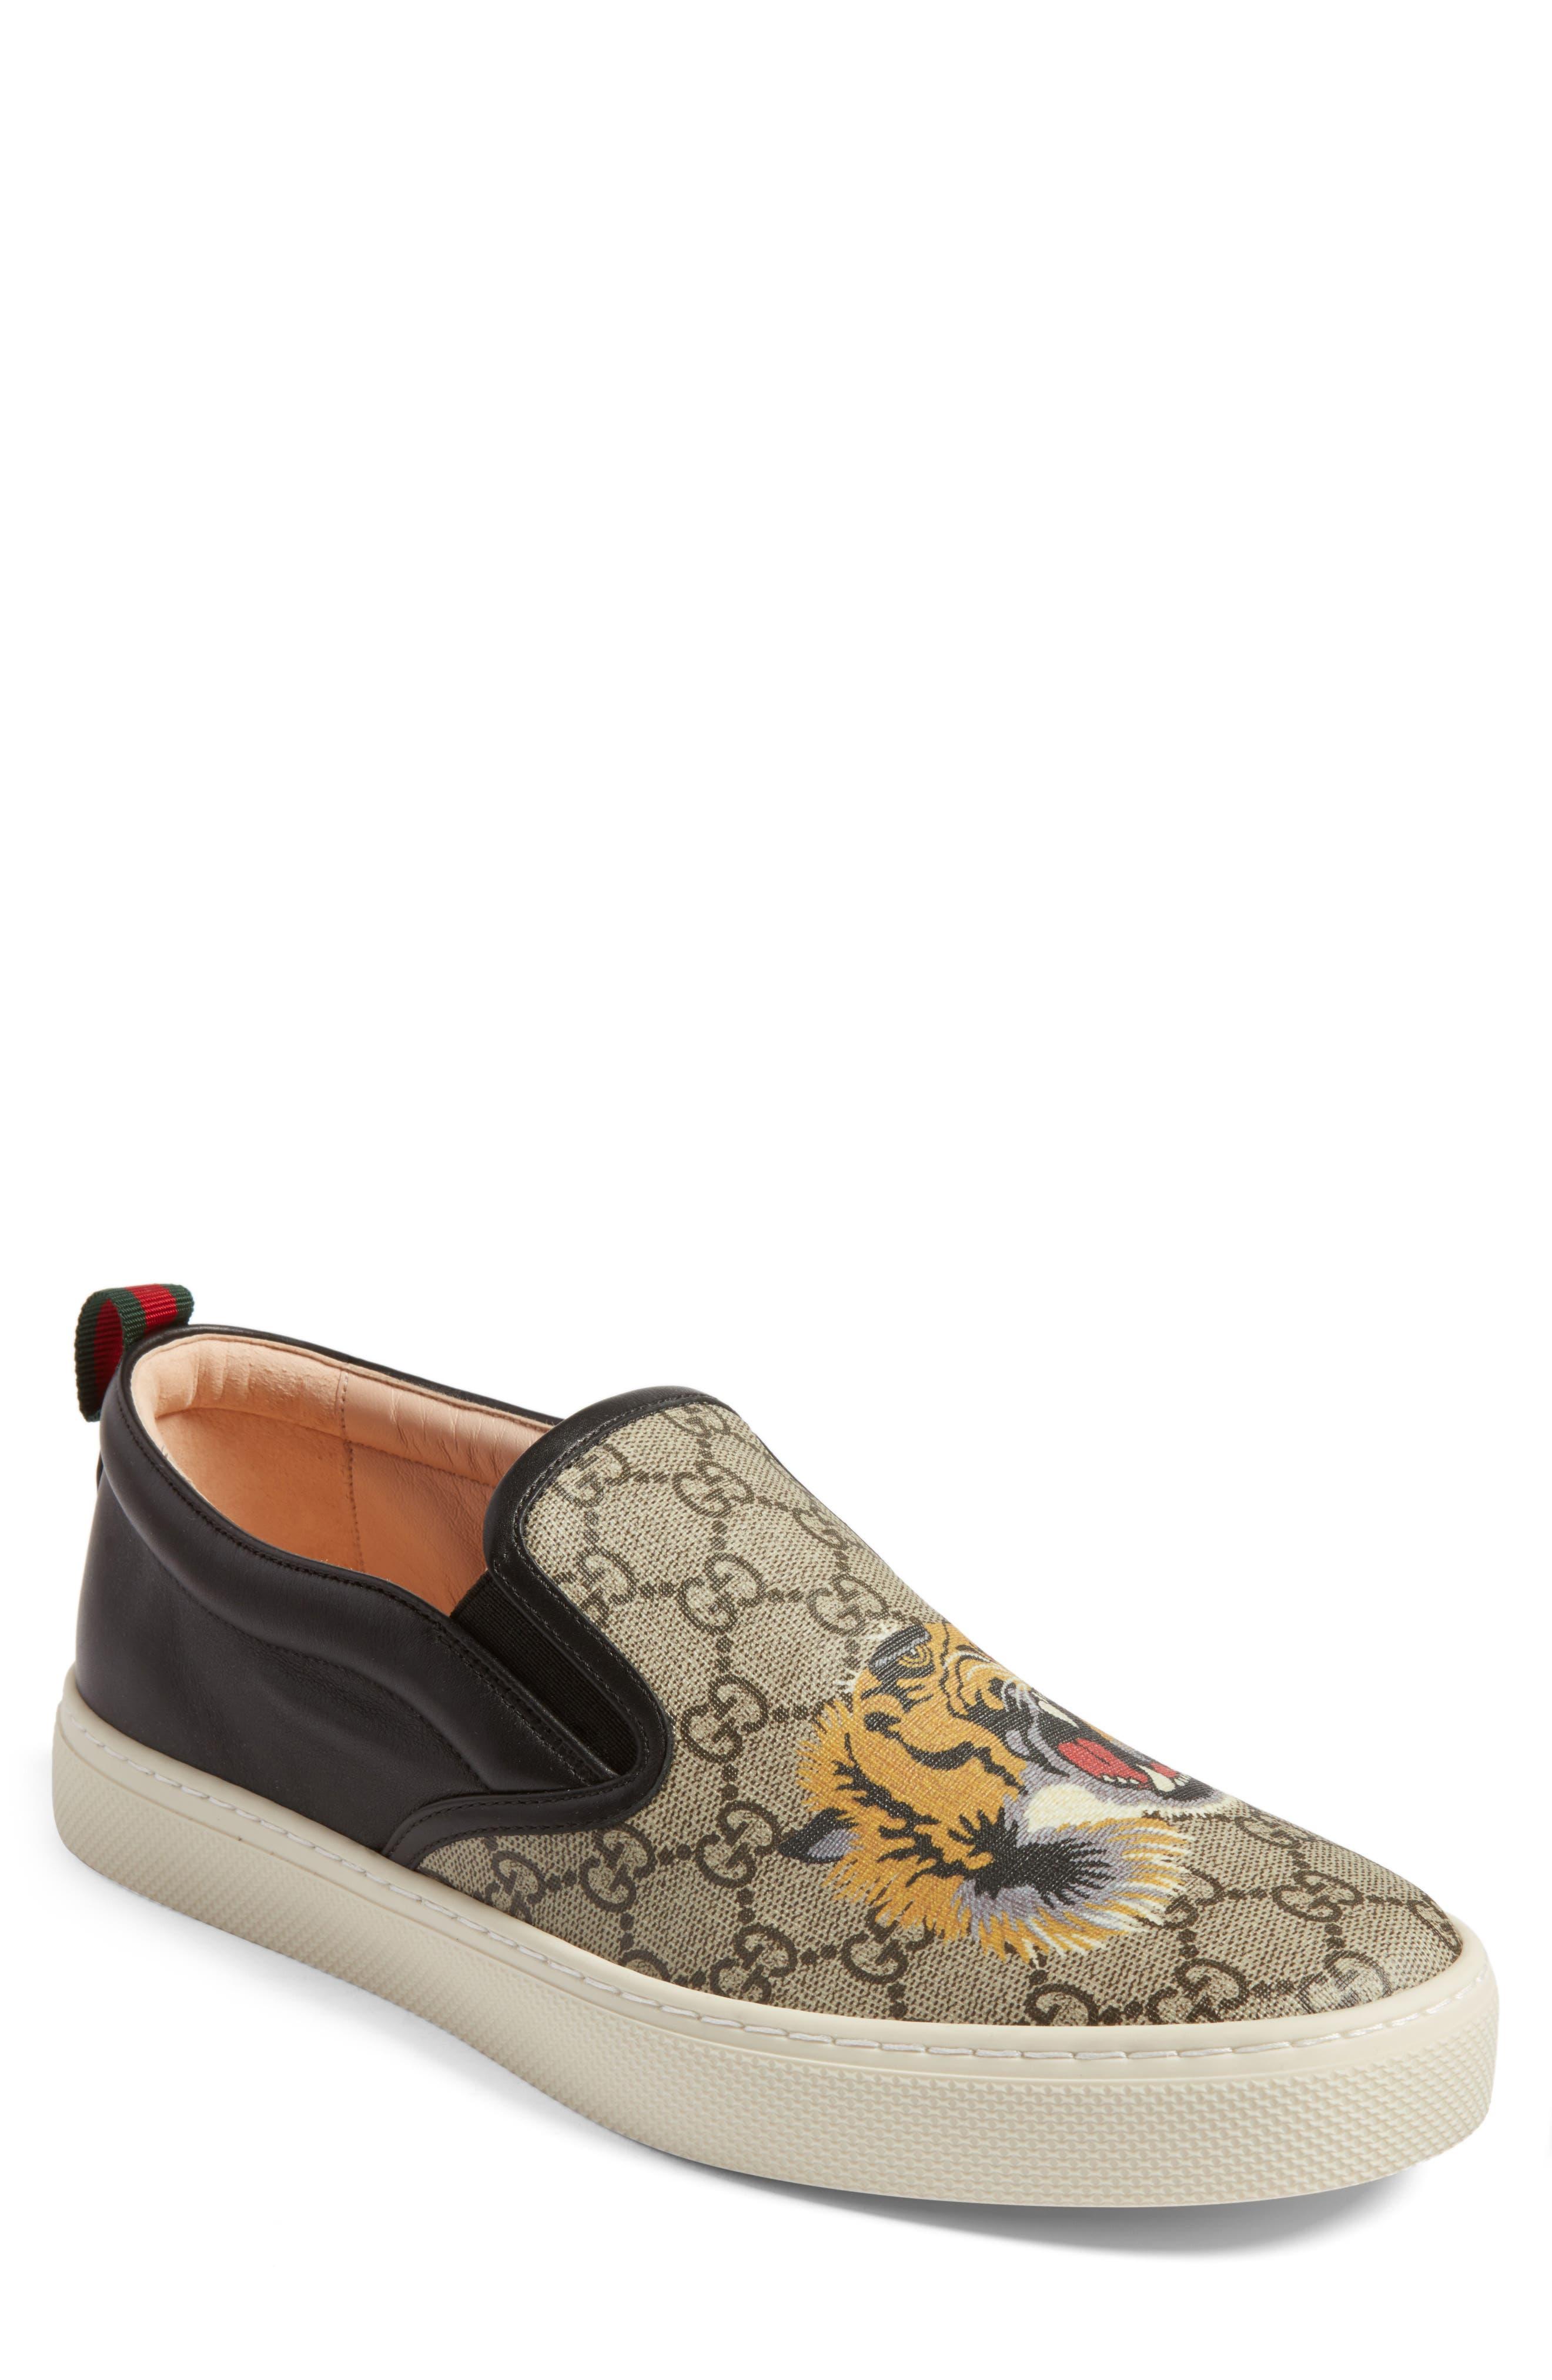 Dublin Slip-On Sneaker,                             Main thumbnail 11, color,